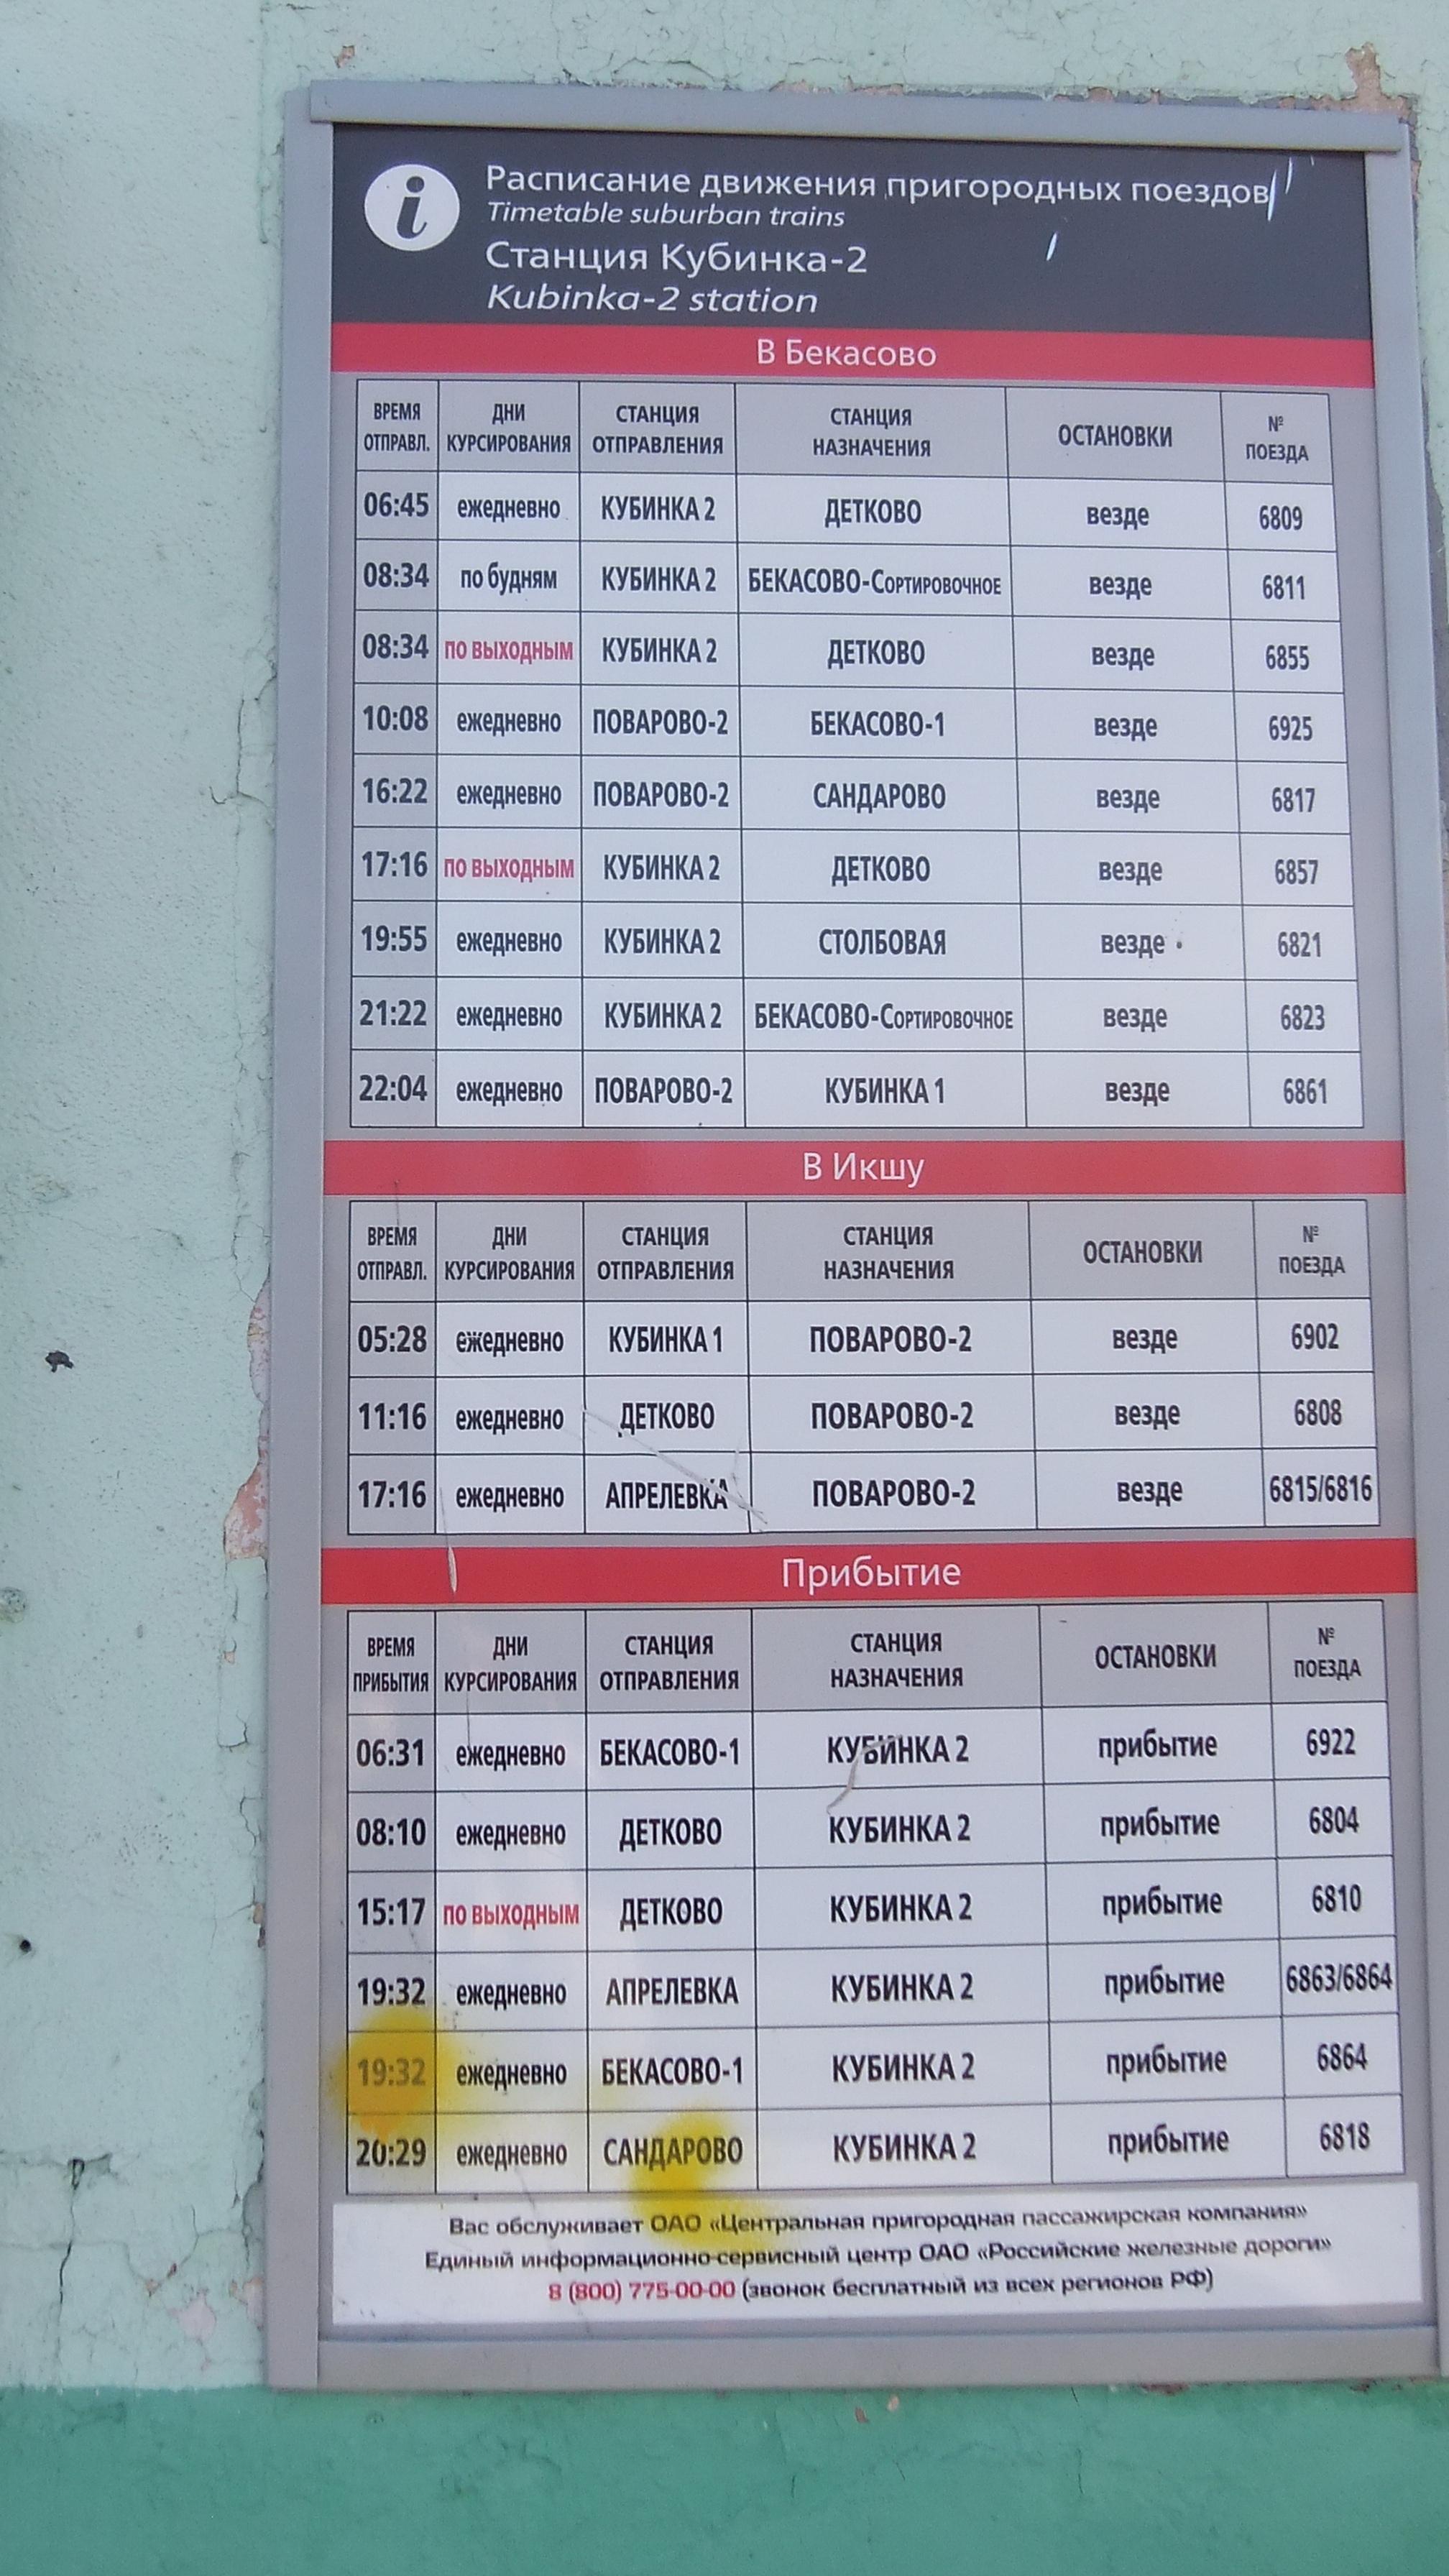 Расписание электричек от белорусского вокзала до кубинки